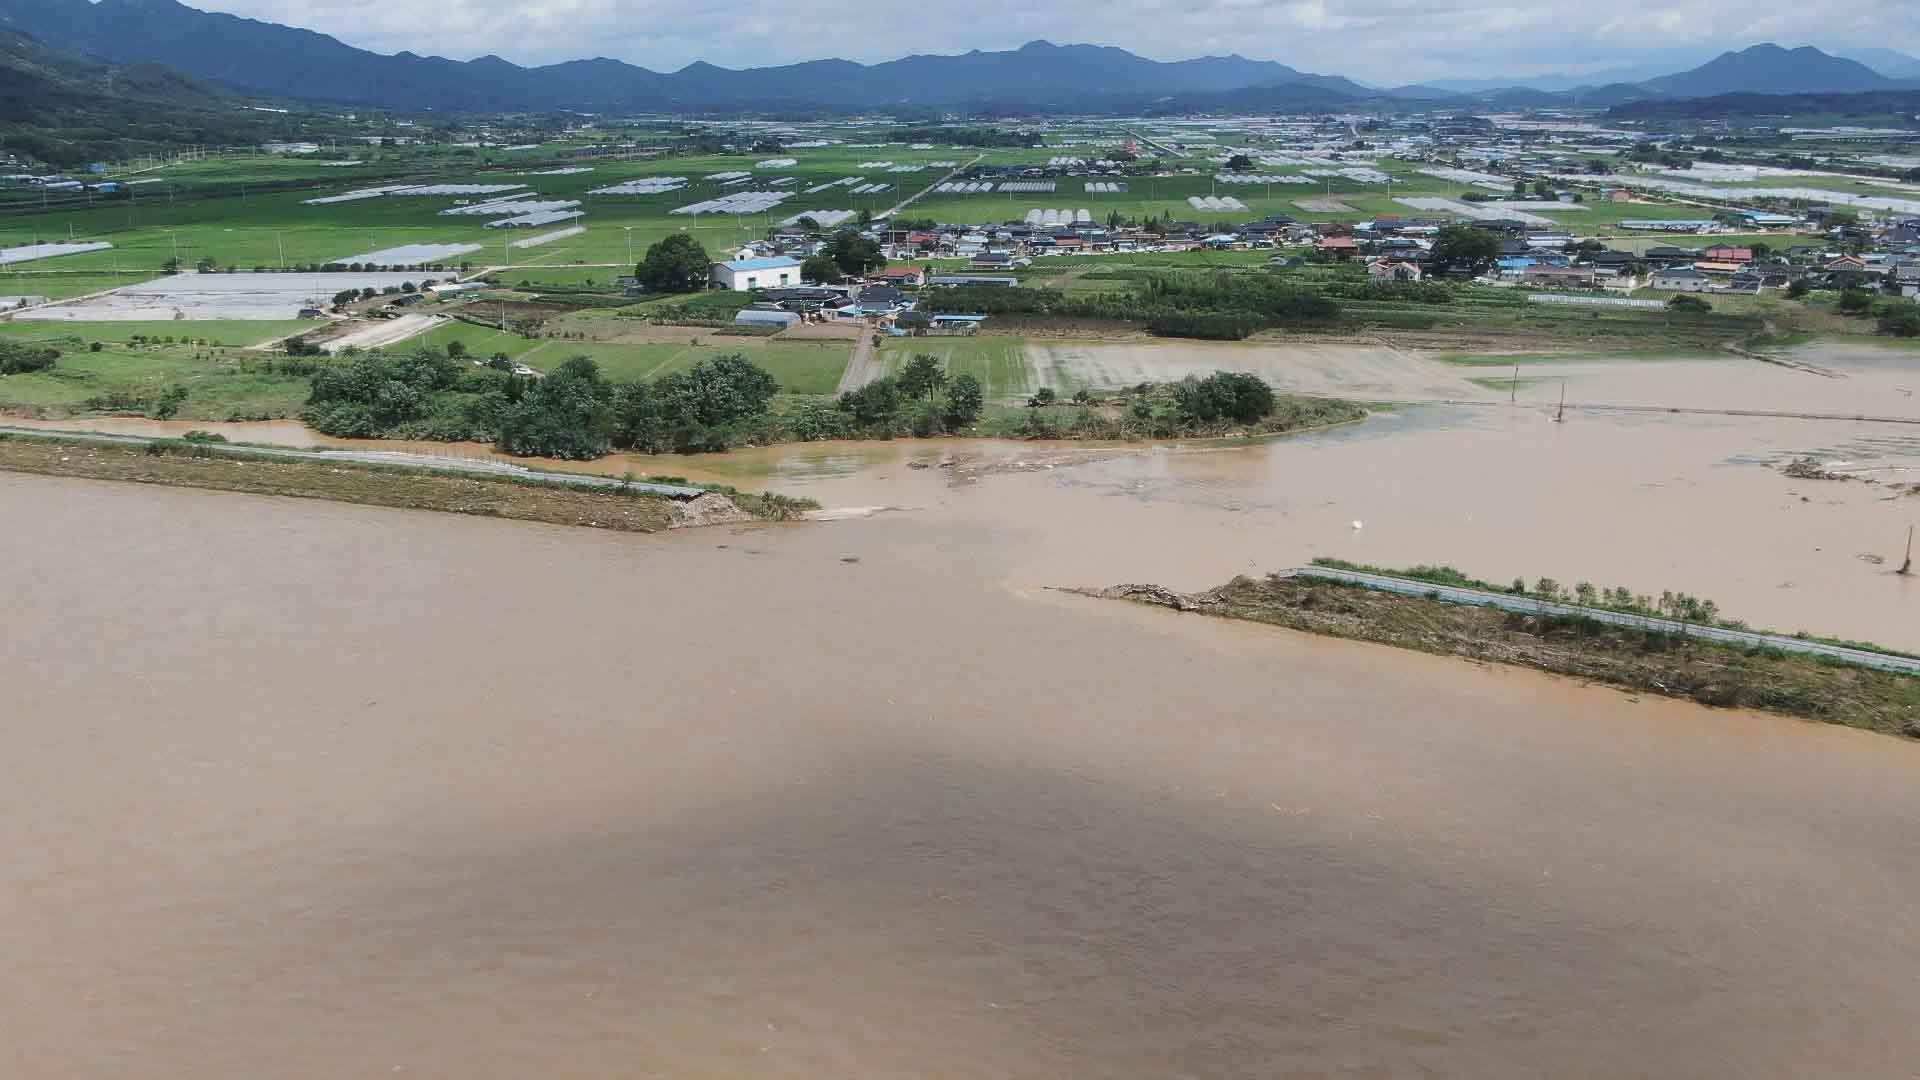 제방 붕괴 섬진강변 마을 침수…폭탄맞은 듯 아수라장